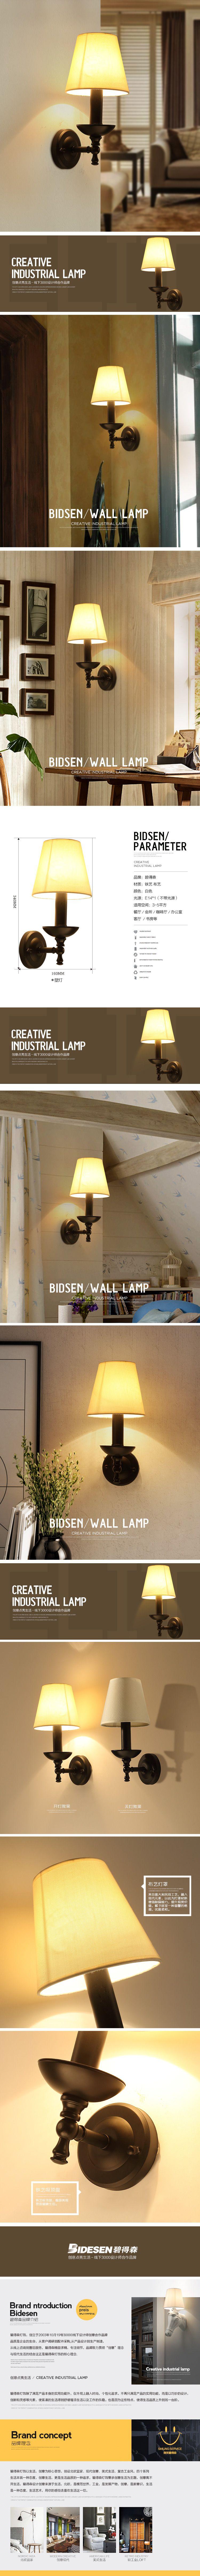 美式乡村客厅卧室床头温馨壁灯